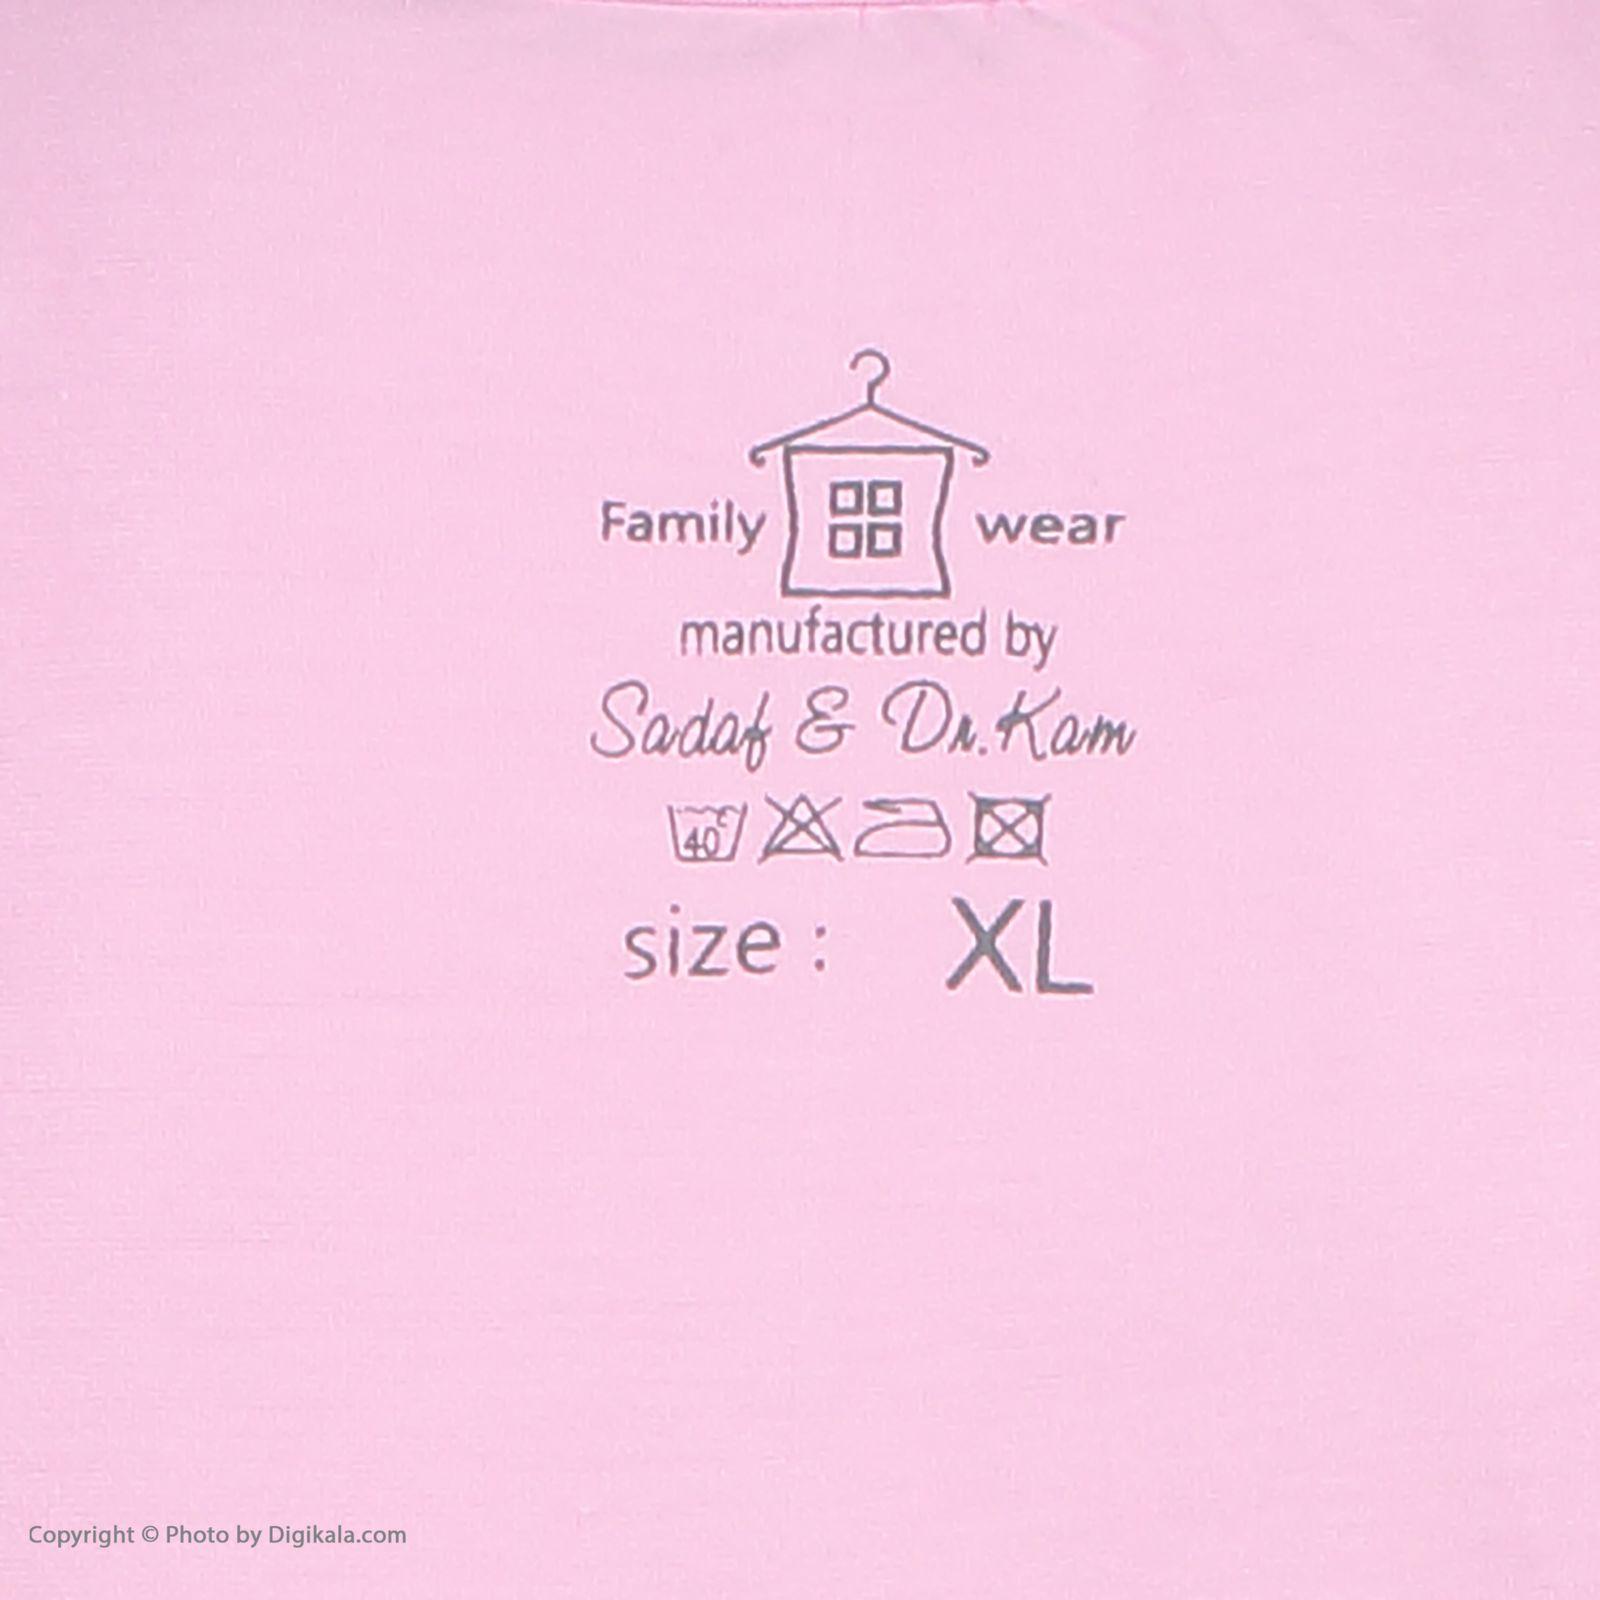 ست تی شرت و شلوار زنانه فمیلی ور طرح دختر کد 0222 رنگ صورتی -  - 10